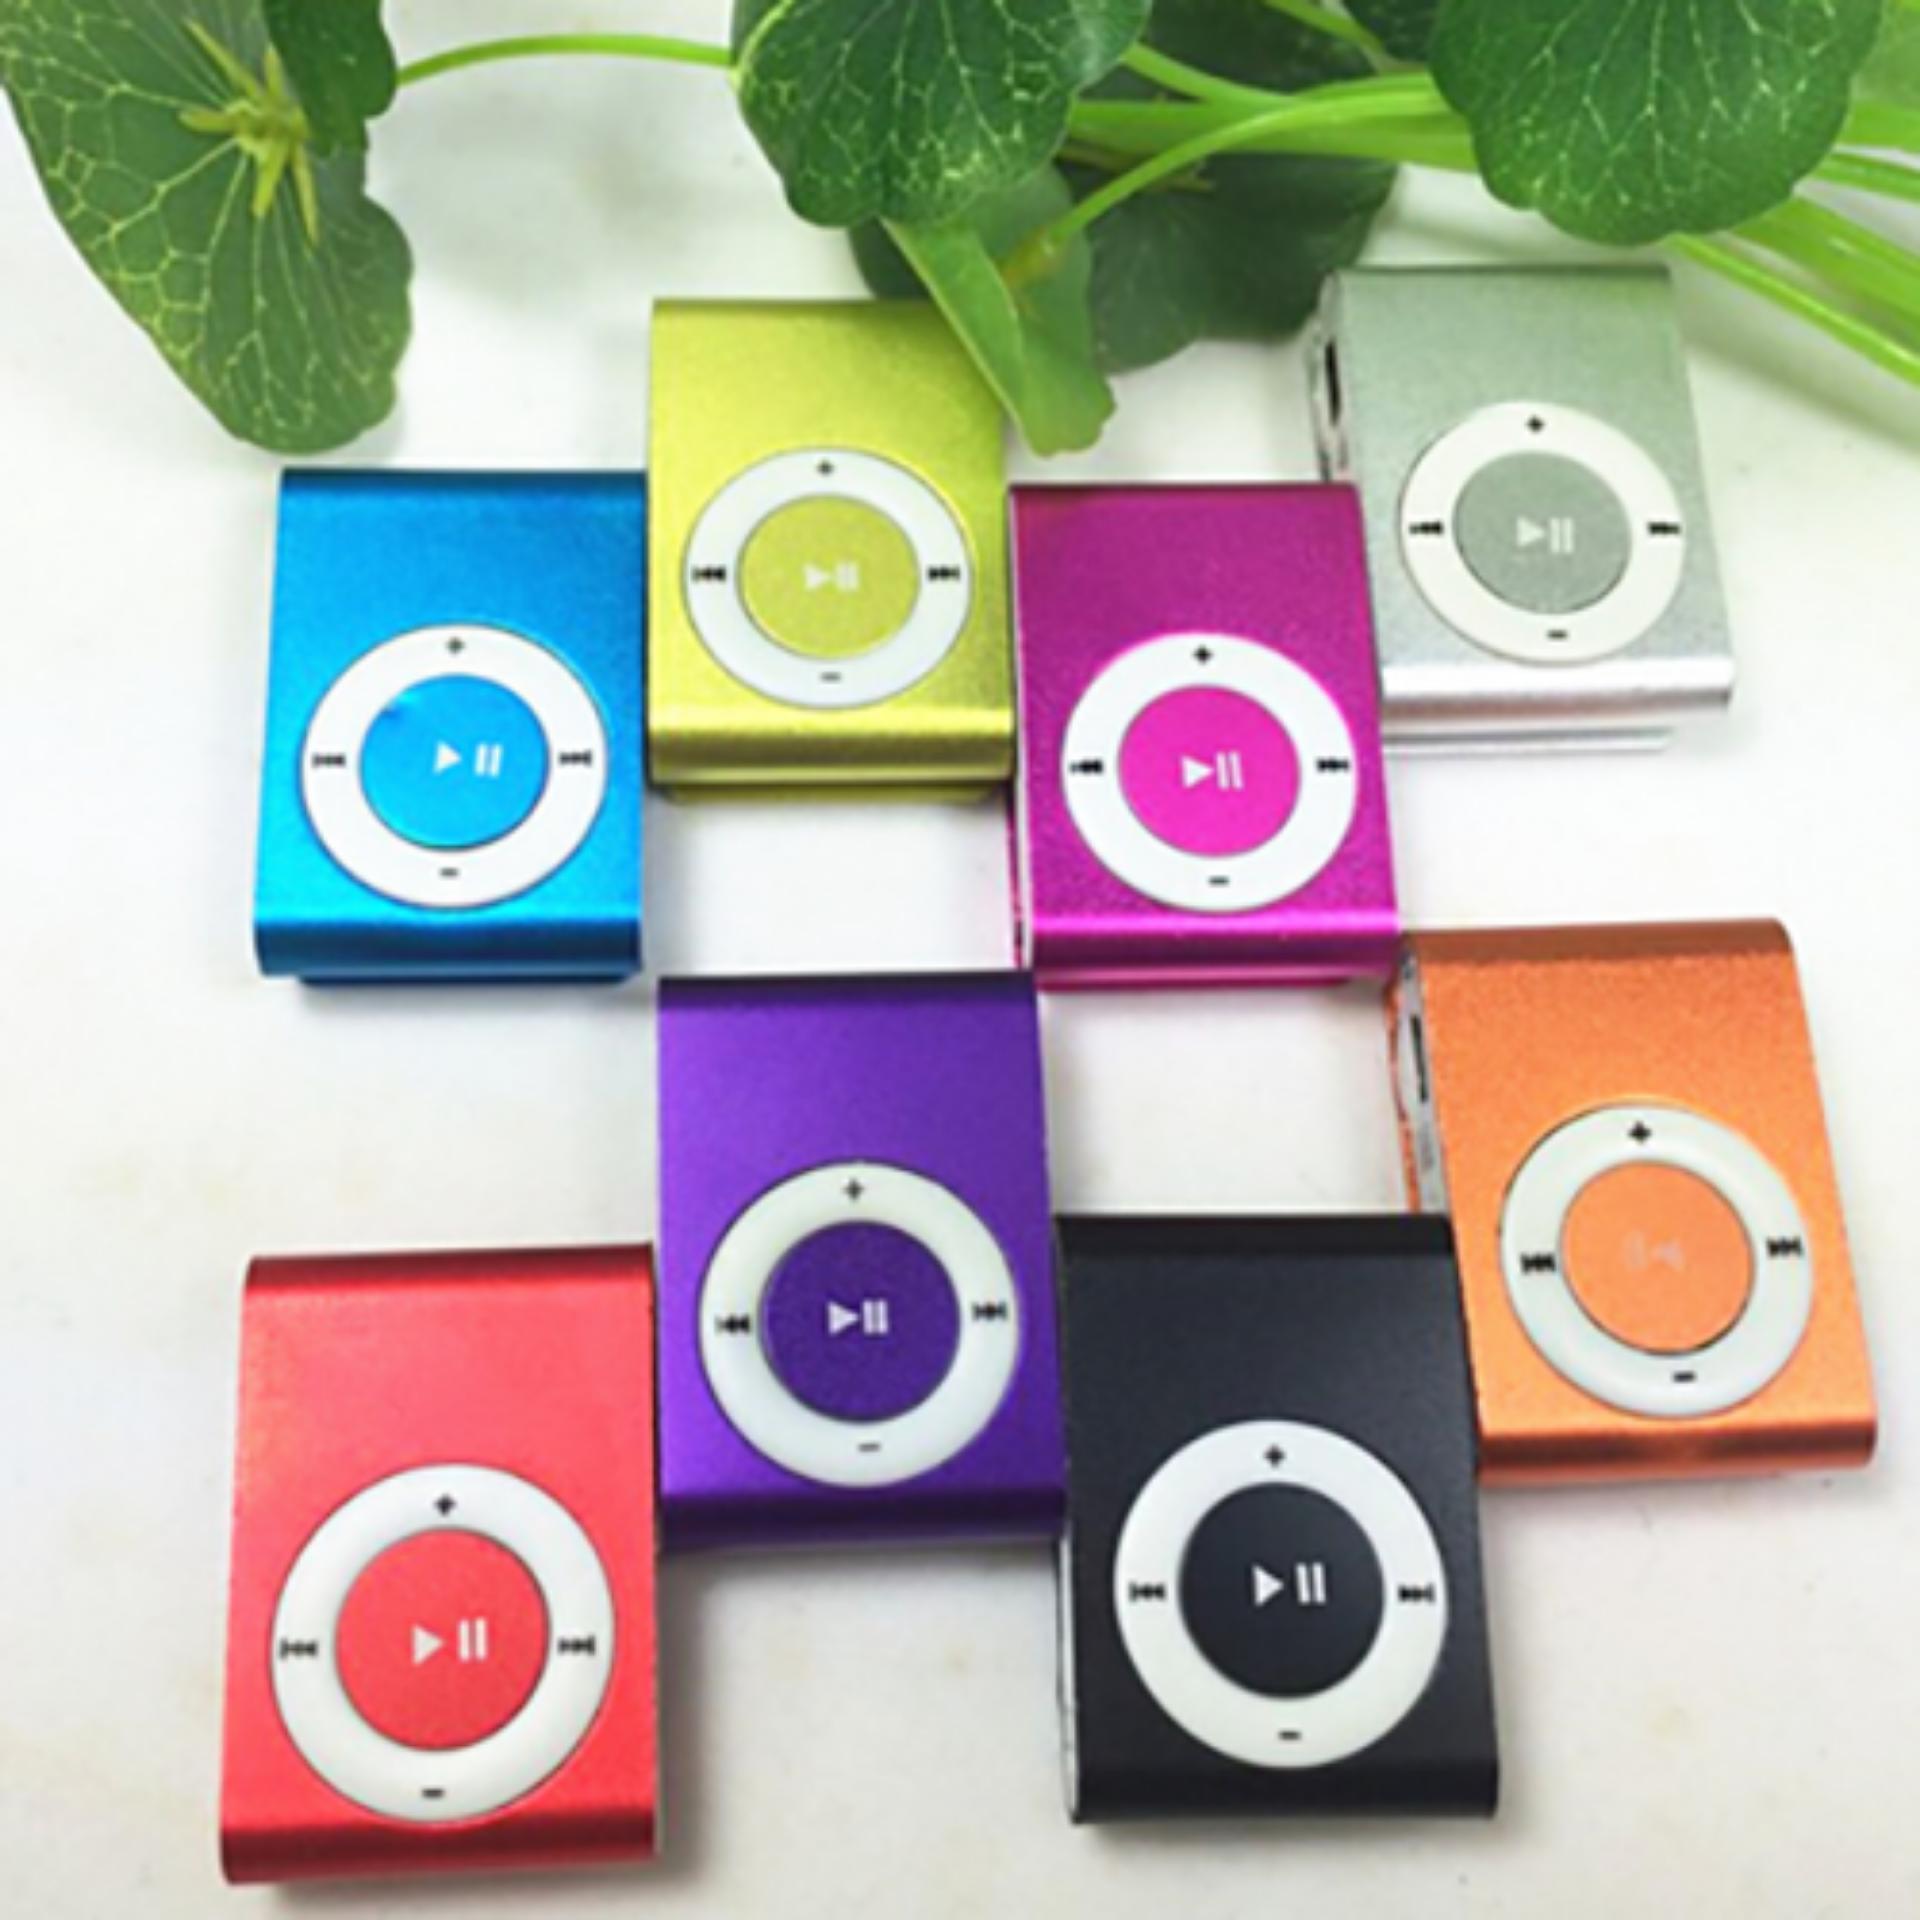 MÁY MP3